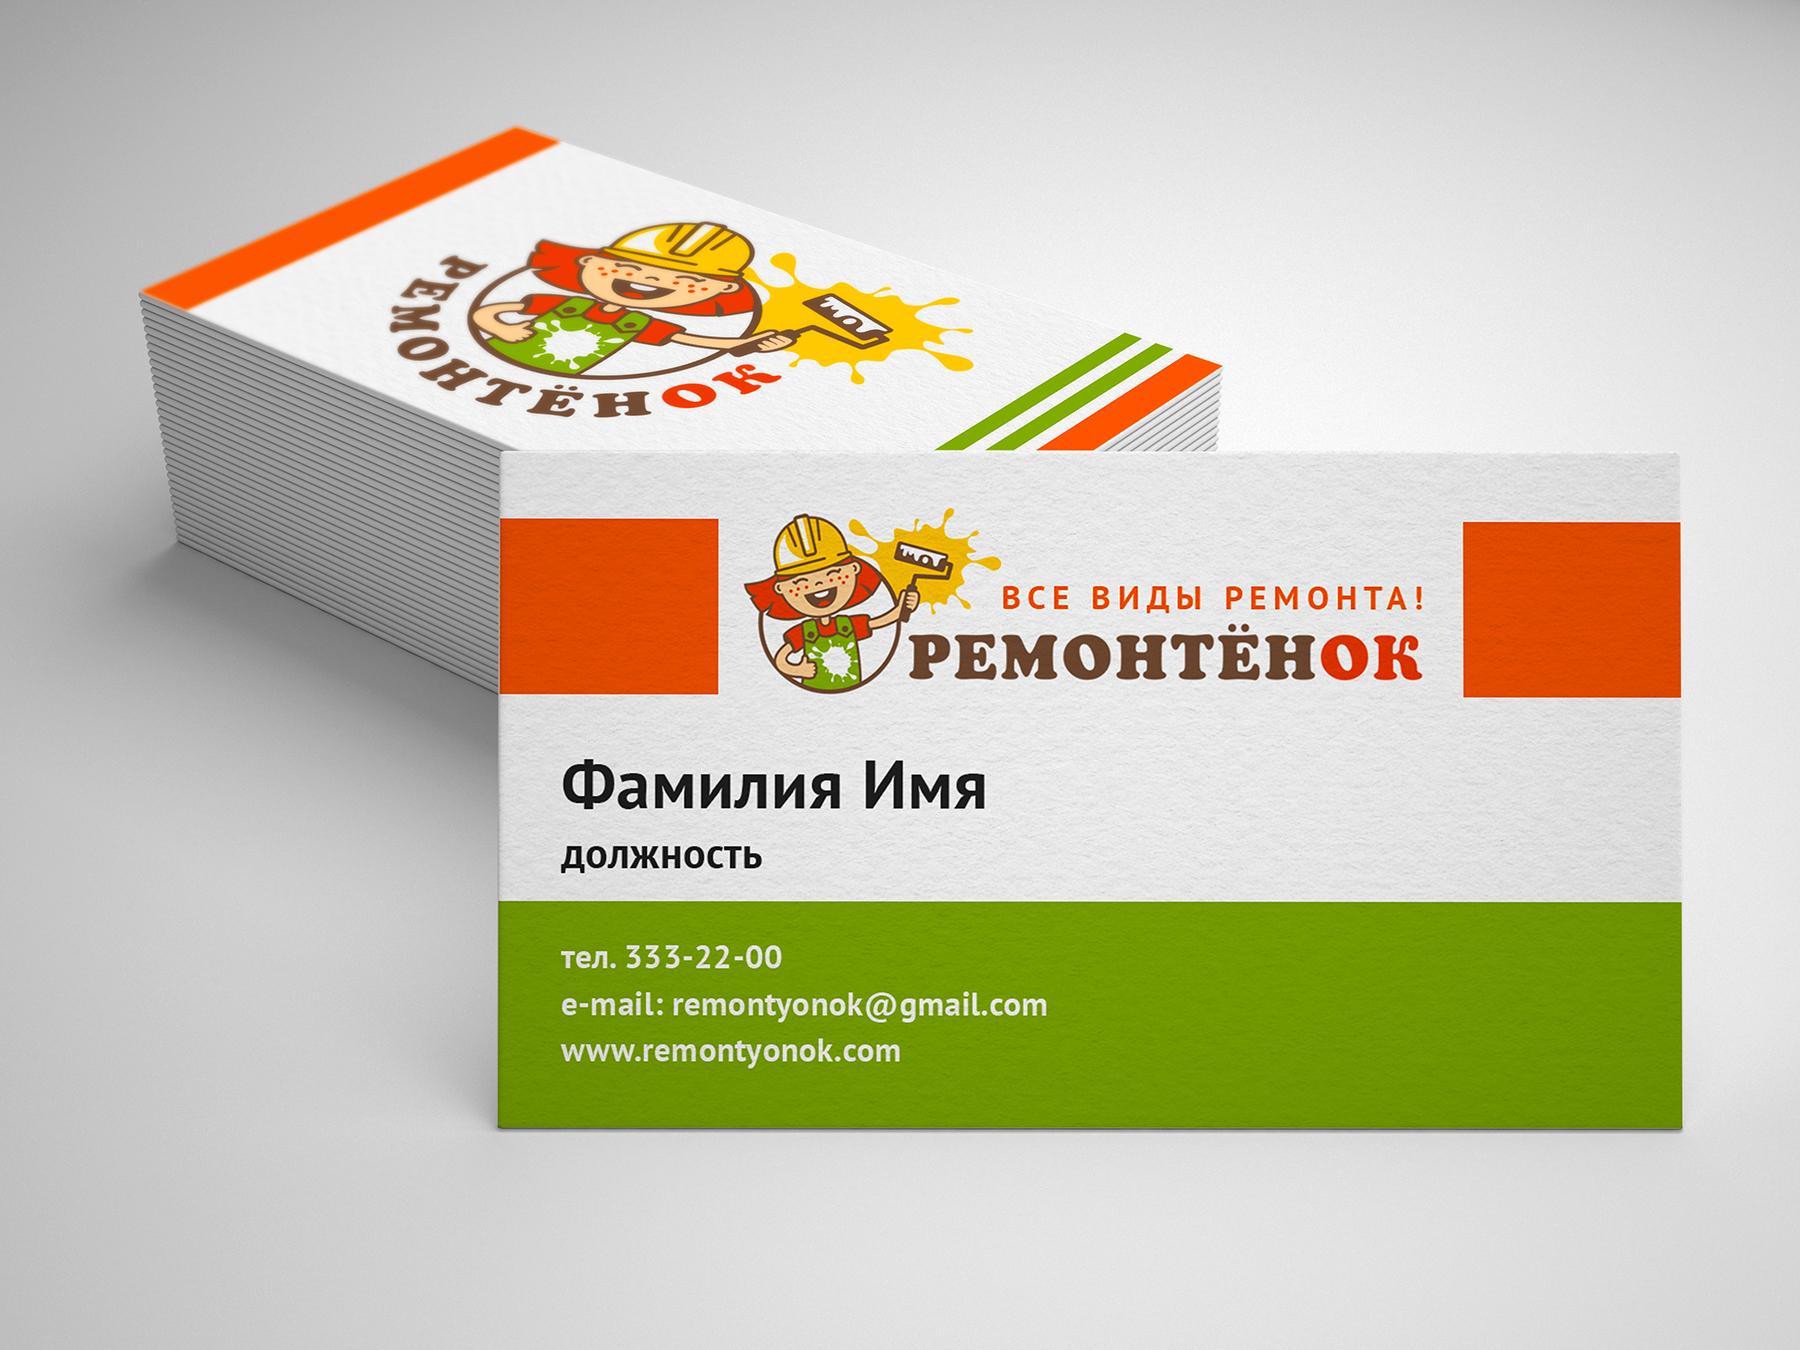 Ремонтёнок: логотип + брэндбук + фирменный стиль фото f_4495956fdef6c8a0.jpg